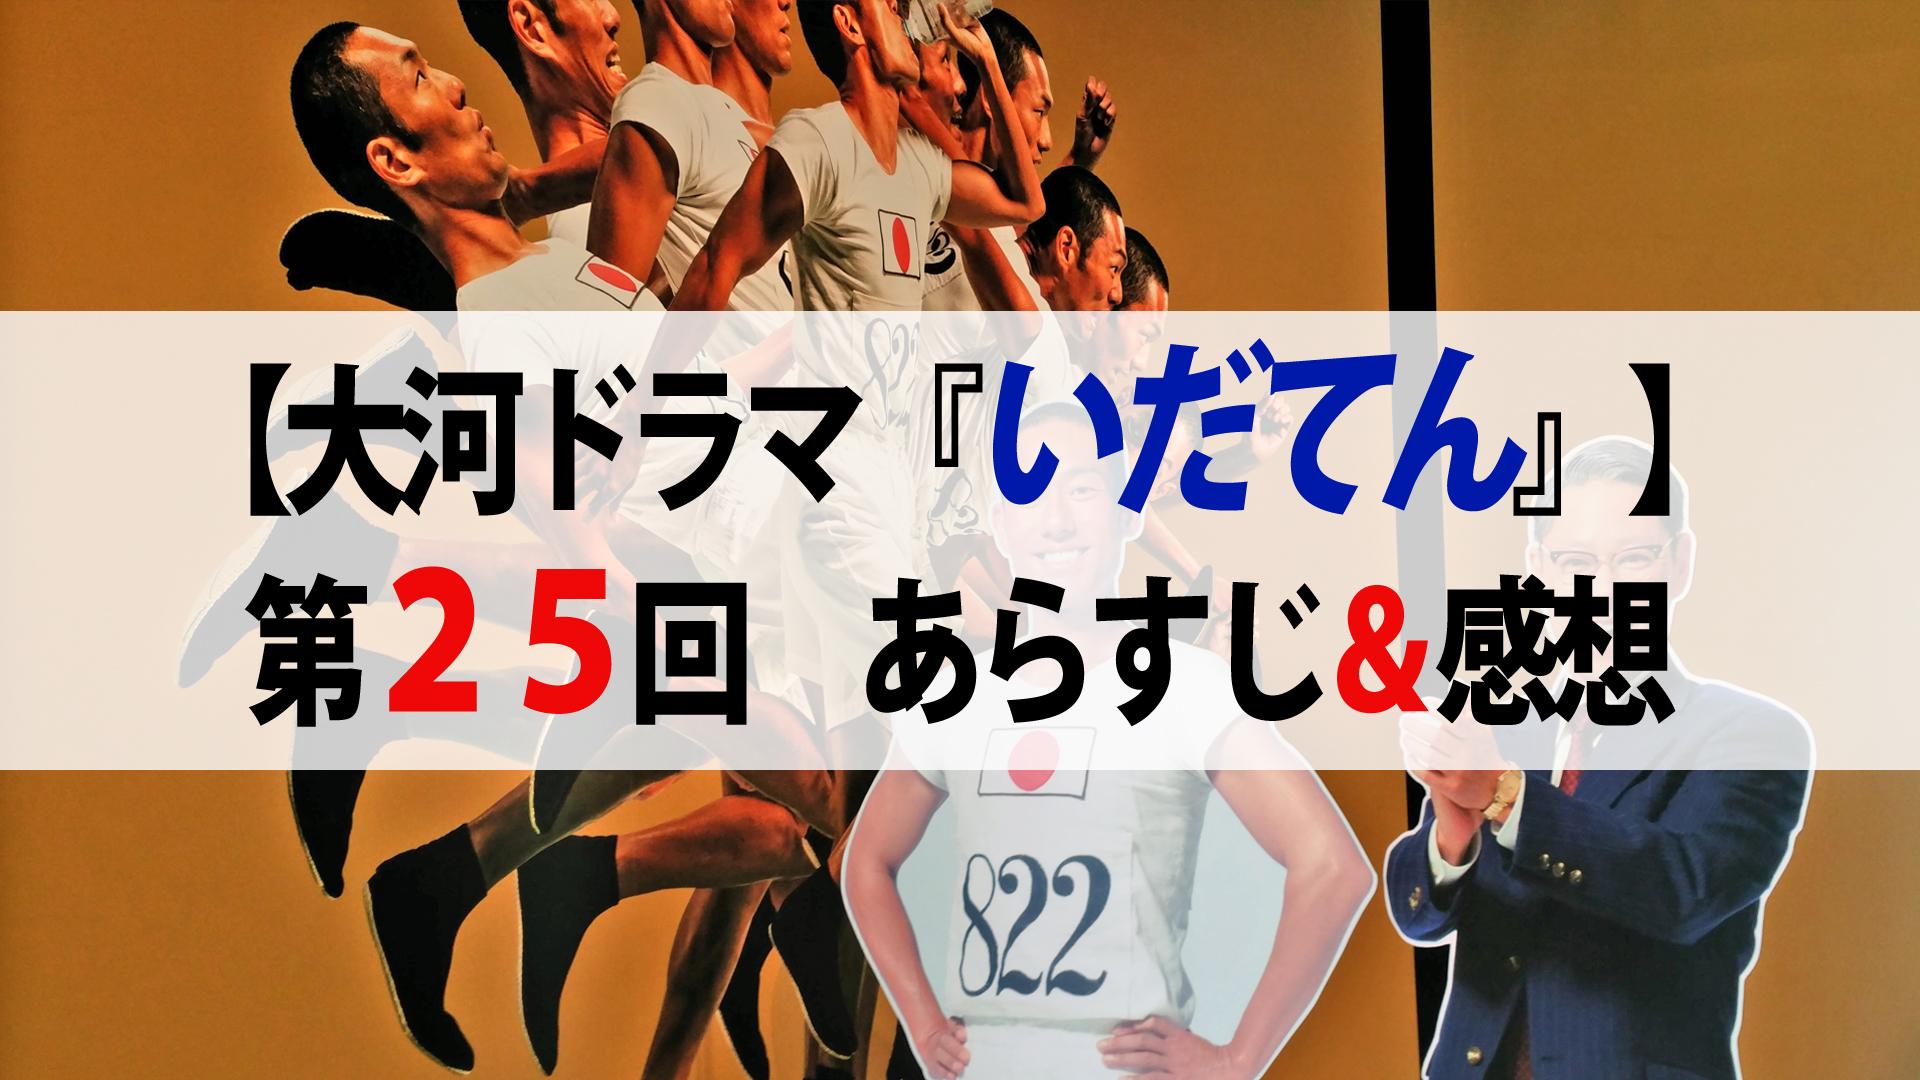 【大河ドラマ『いだてん』】第25回『時代は変る』あらすじ&感想